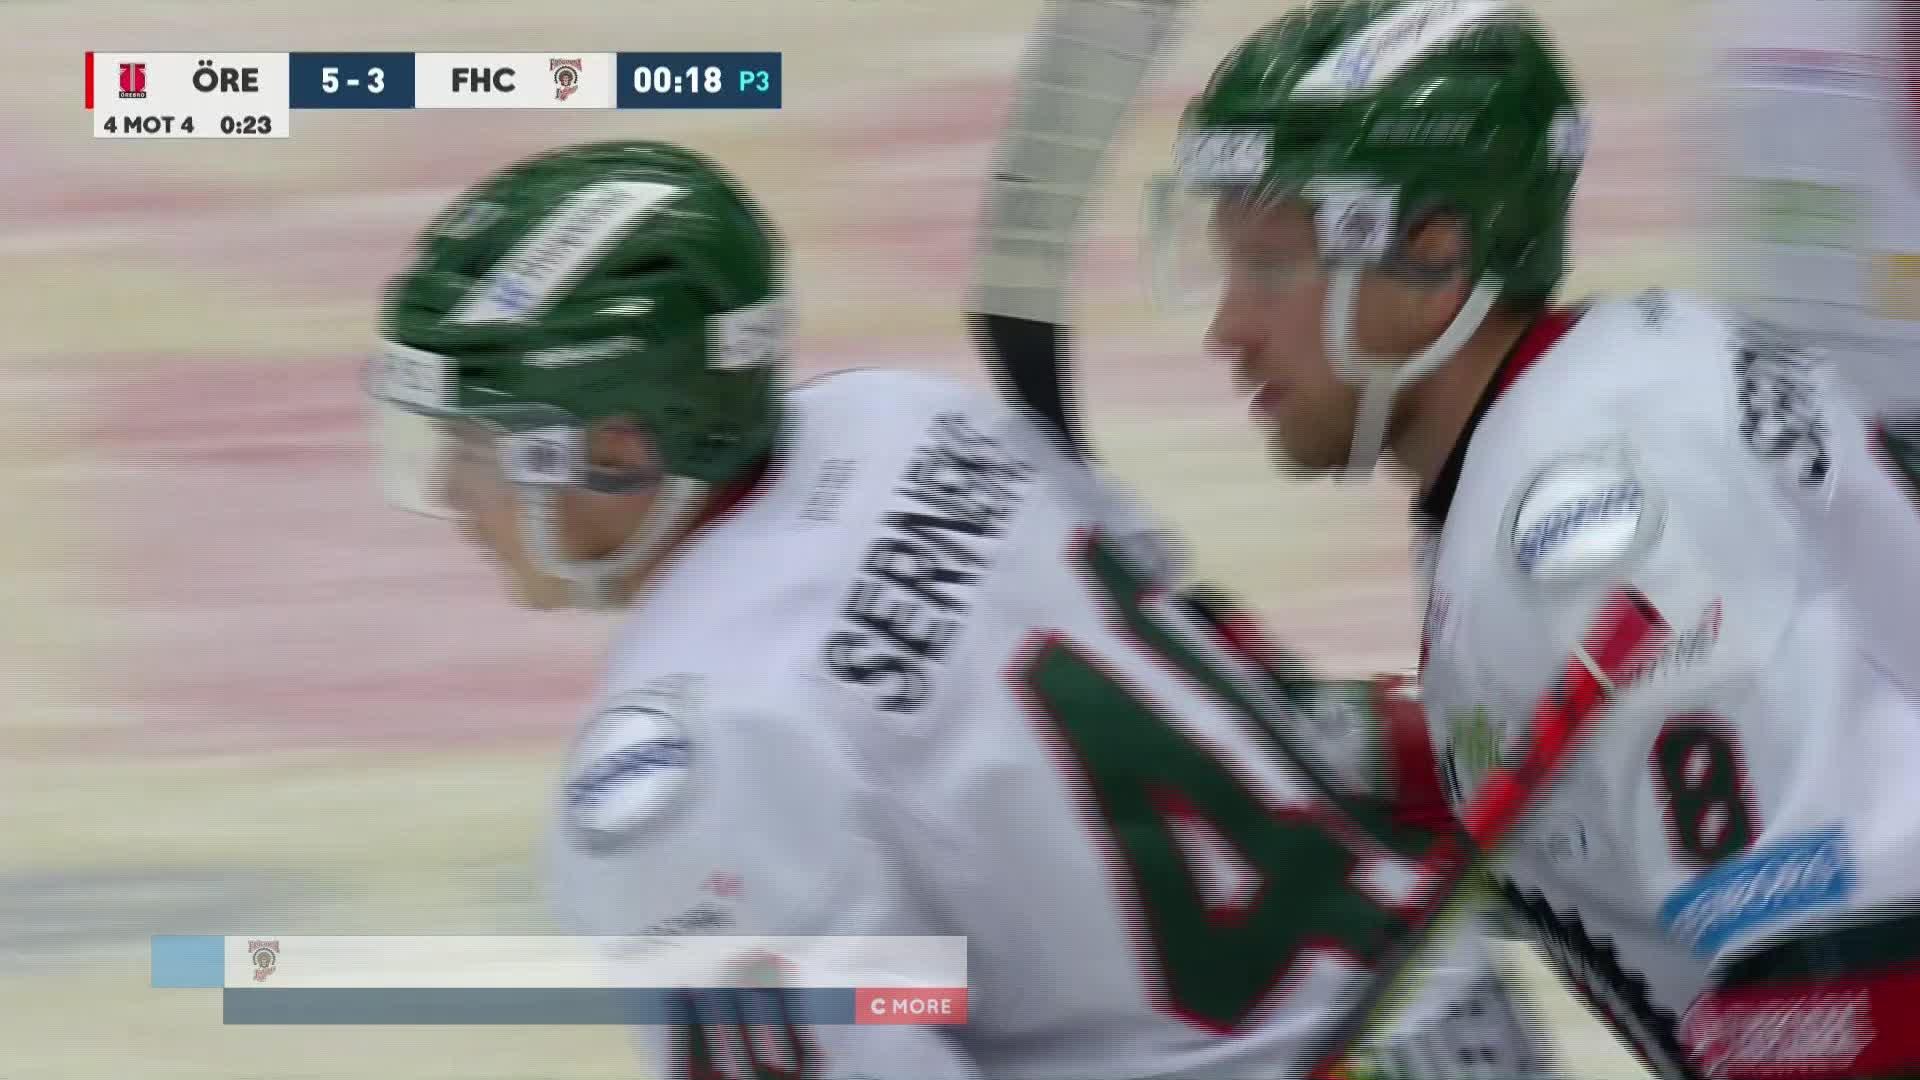 Örebro Hockey - Frölunda HC 5-3